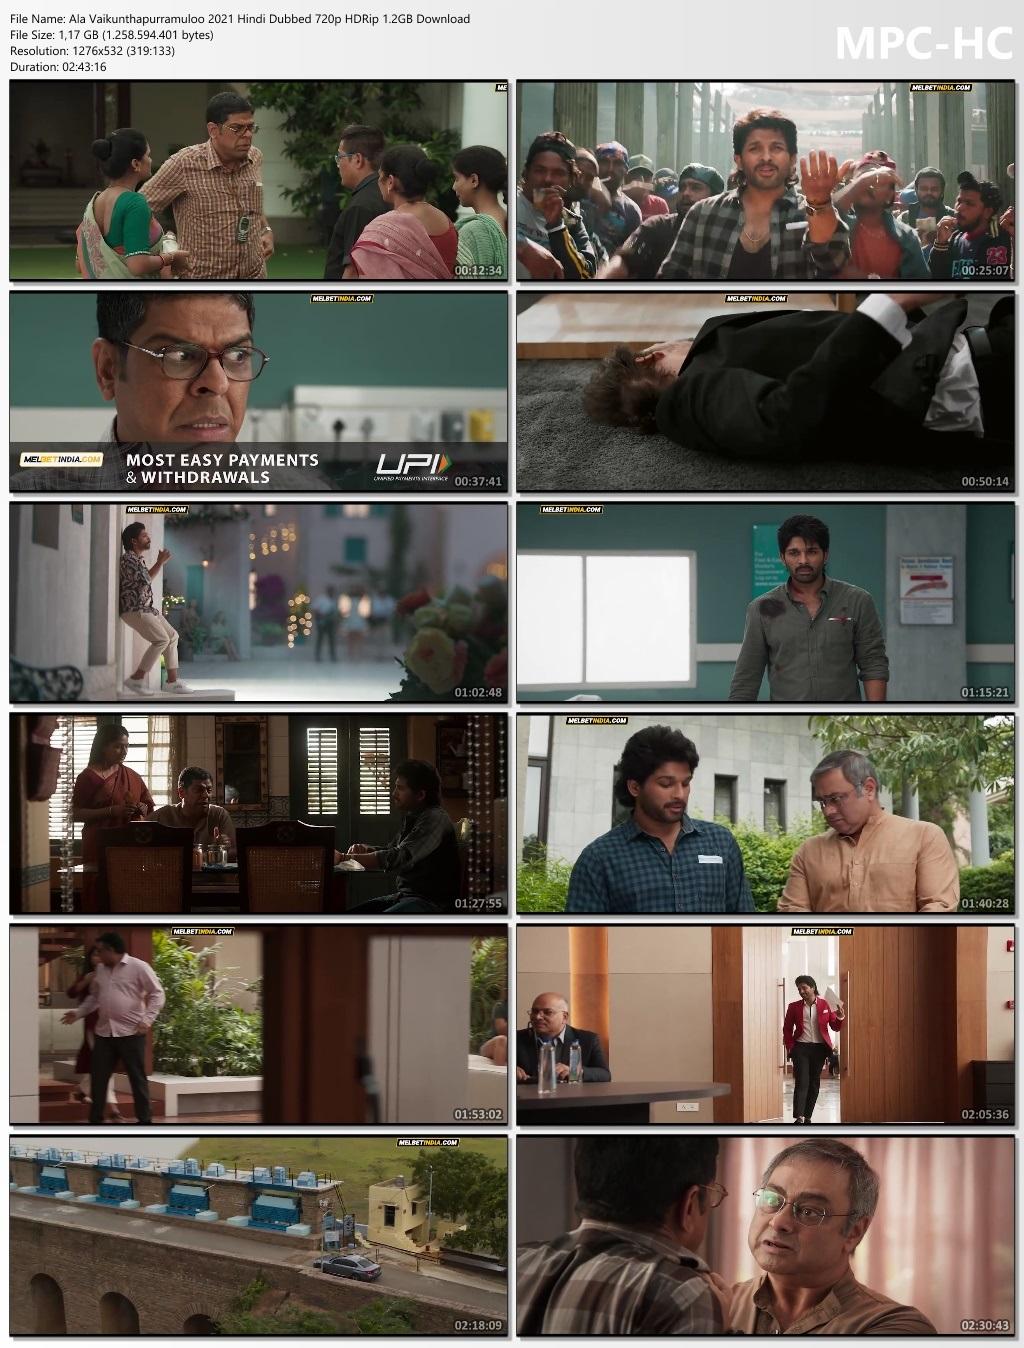 Ala Vaikunthapurramuloo Full Hindi dubbed Movie